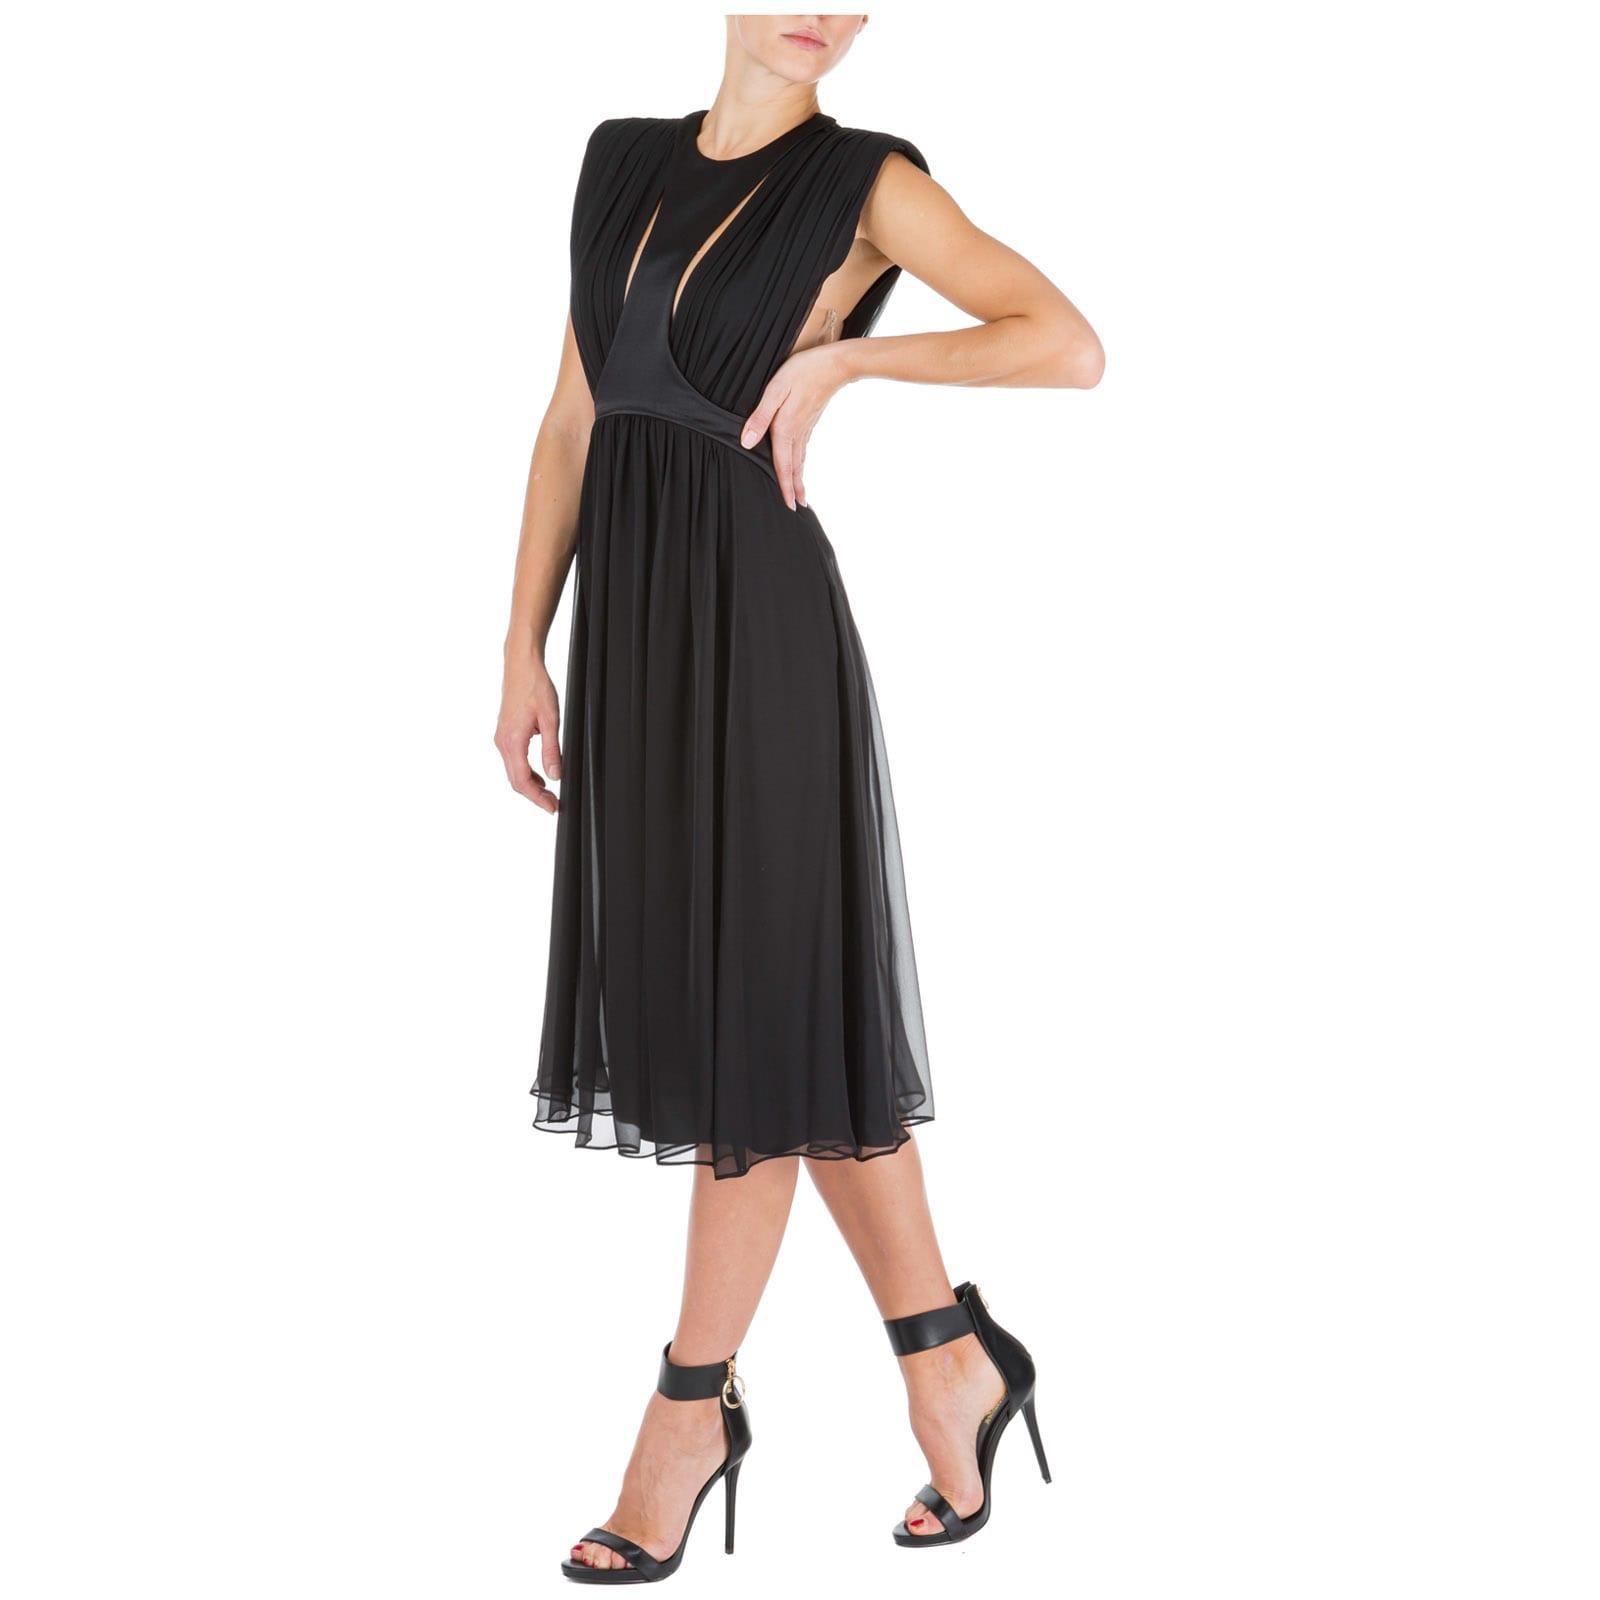 Alberta Ferretti Big Heart Maxi Dresses